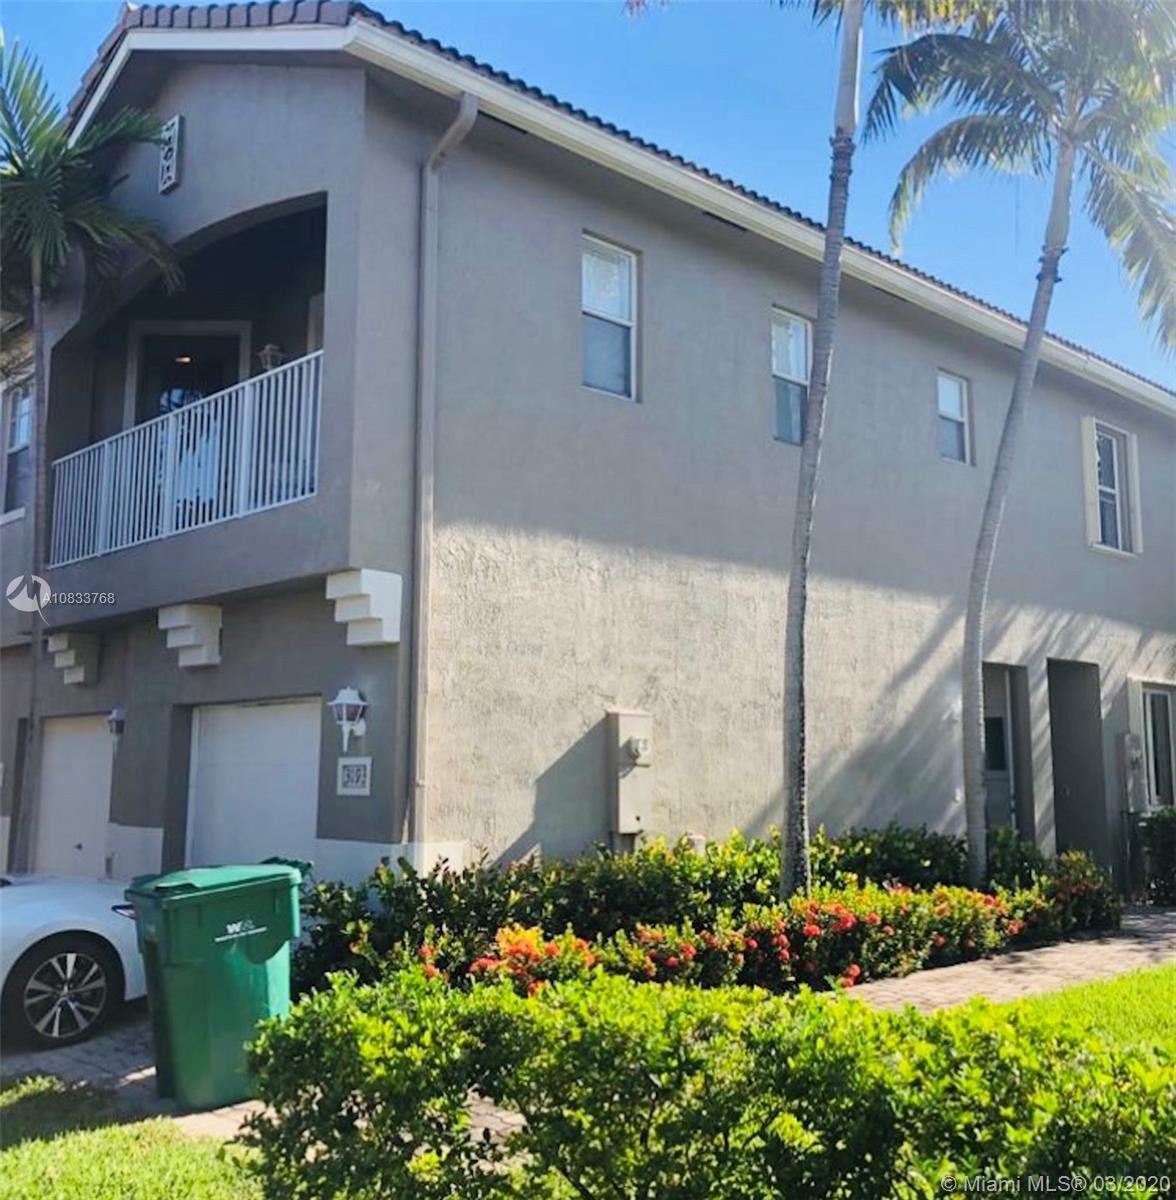 3193 Laurel Ridge Cir #1, Riviera Beach, FL 33404 - #: A10833768